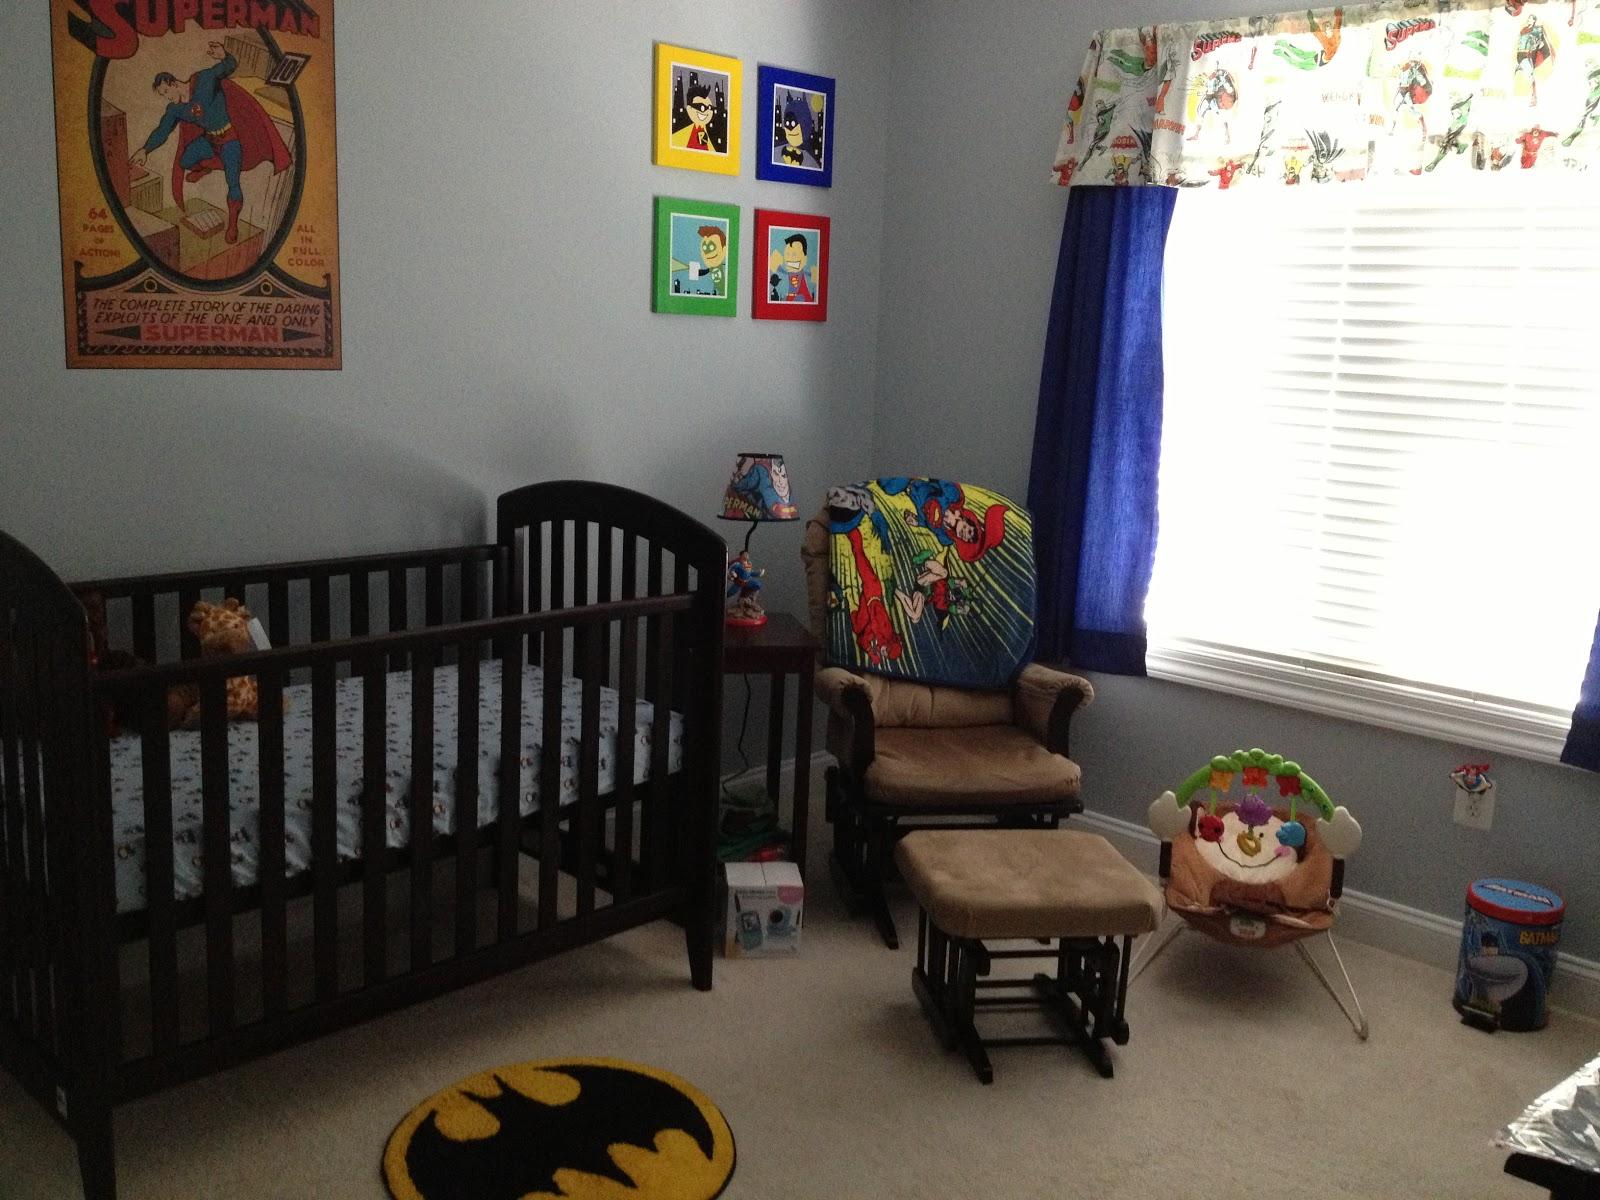 Superhero, Cribs And Nurseries On Pinterest